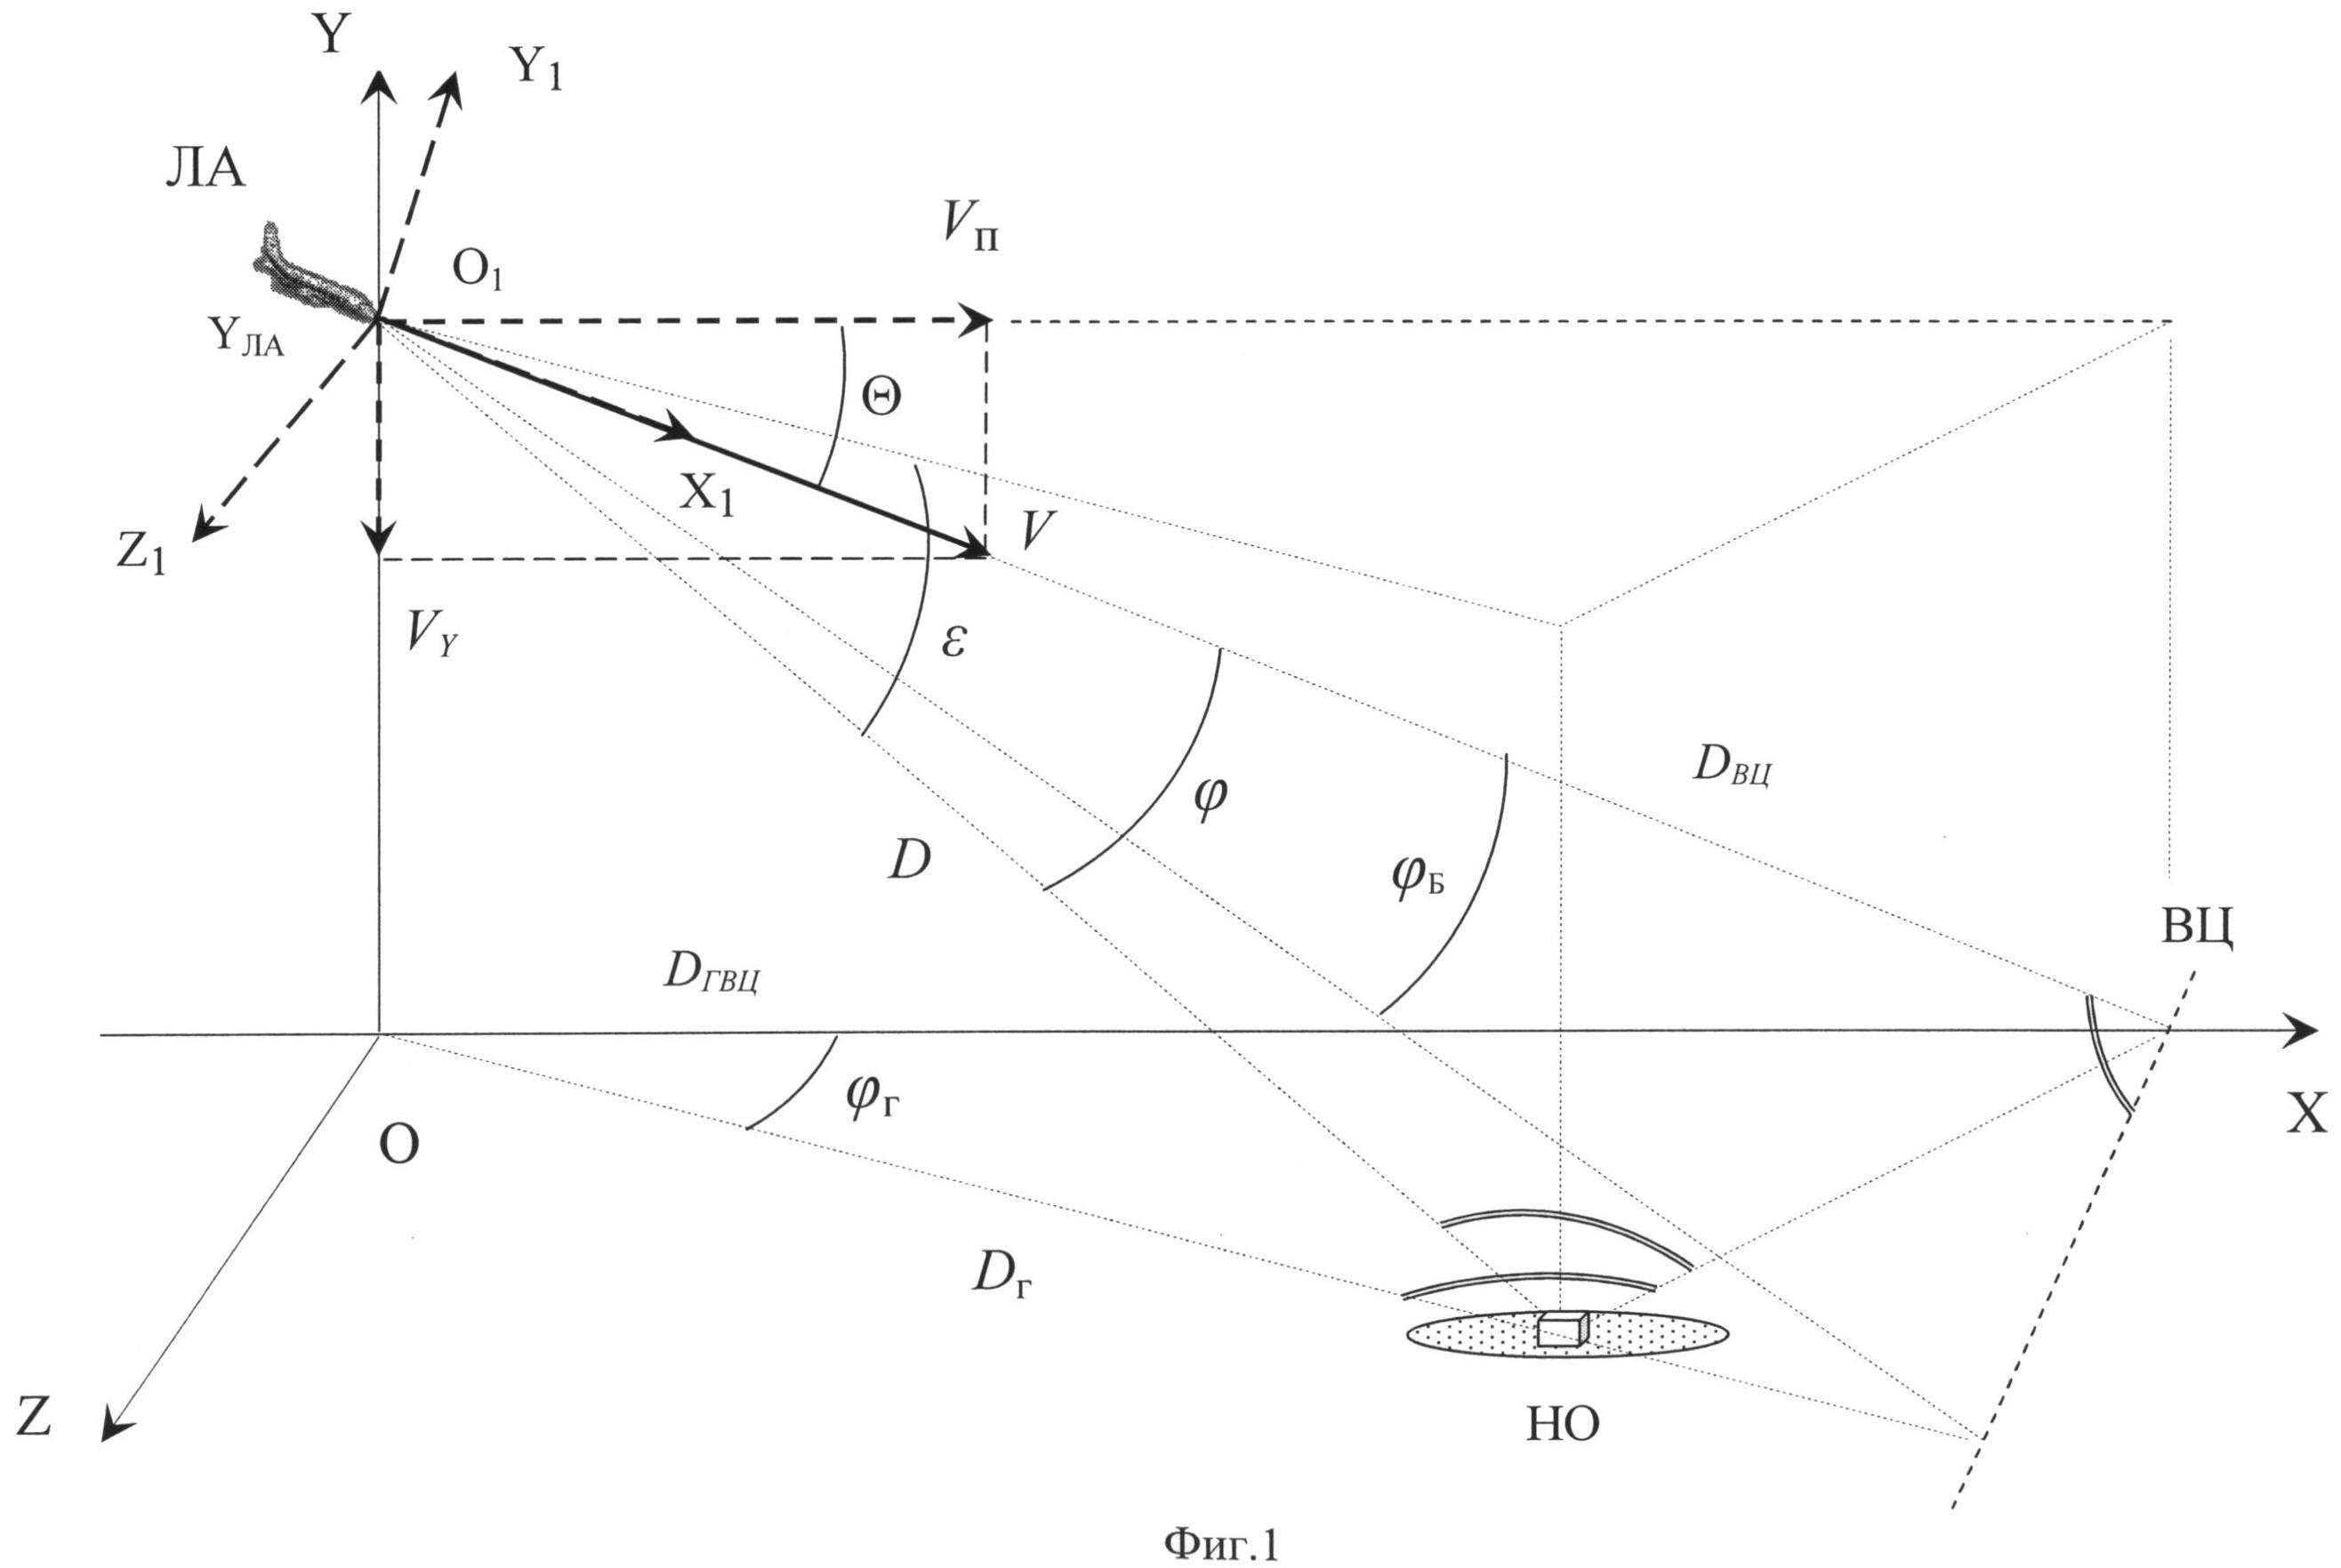 Способ наведения летательных аппаратов на наземные объекты